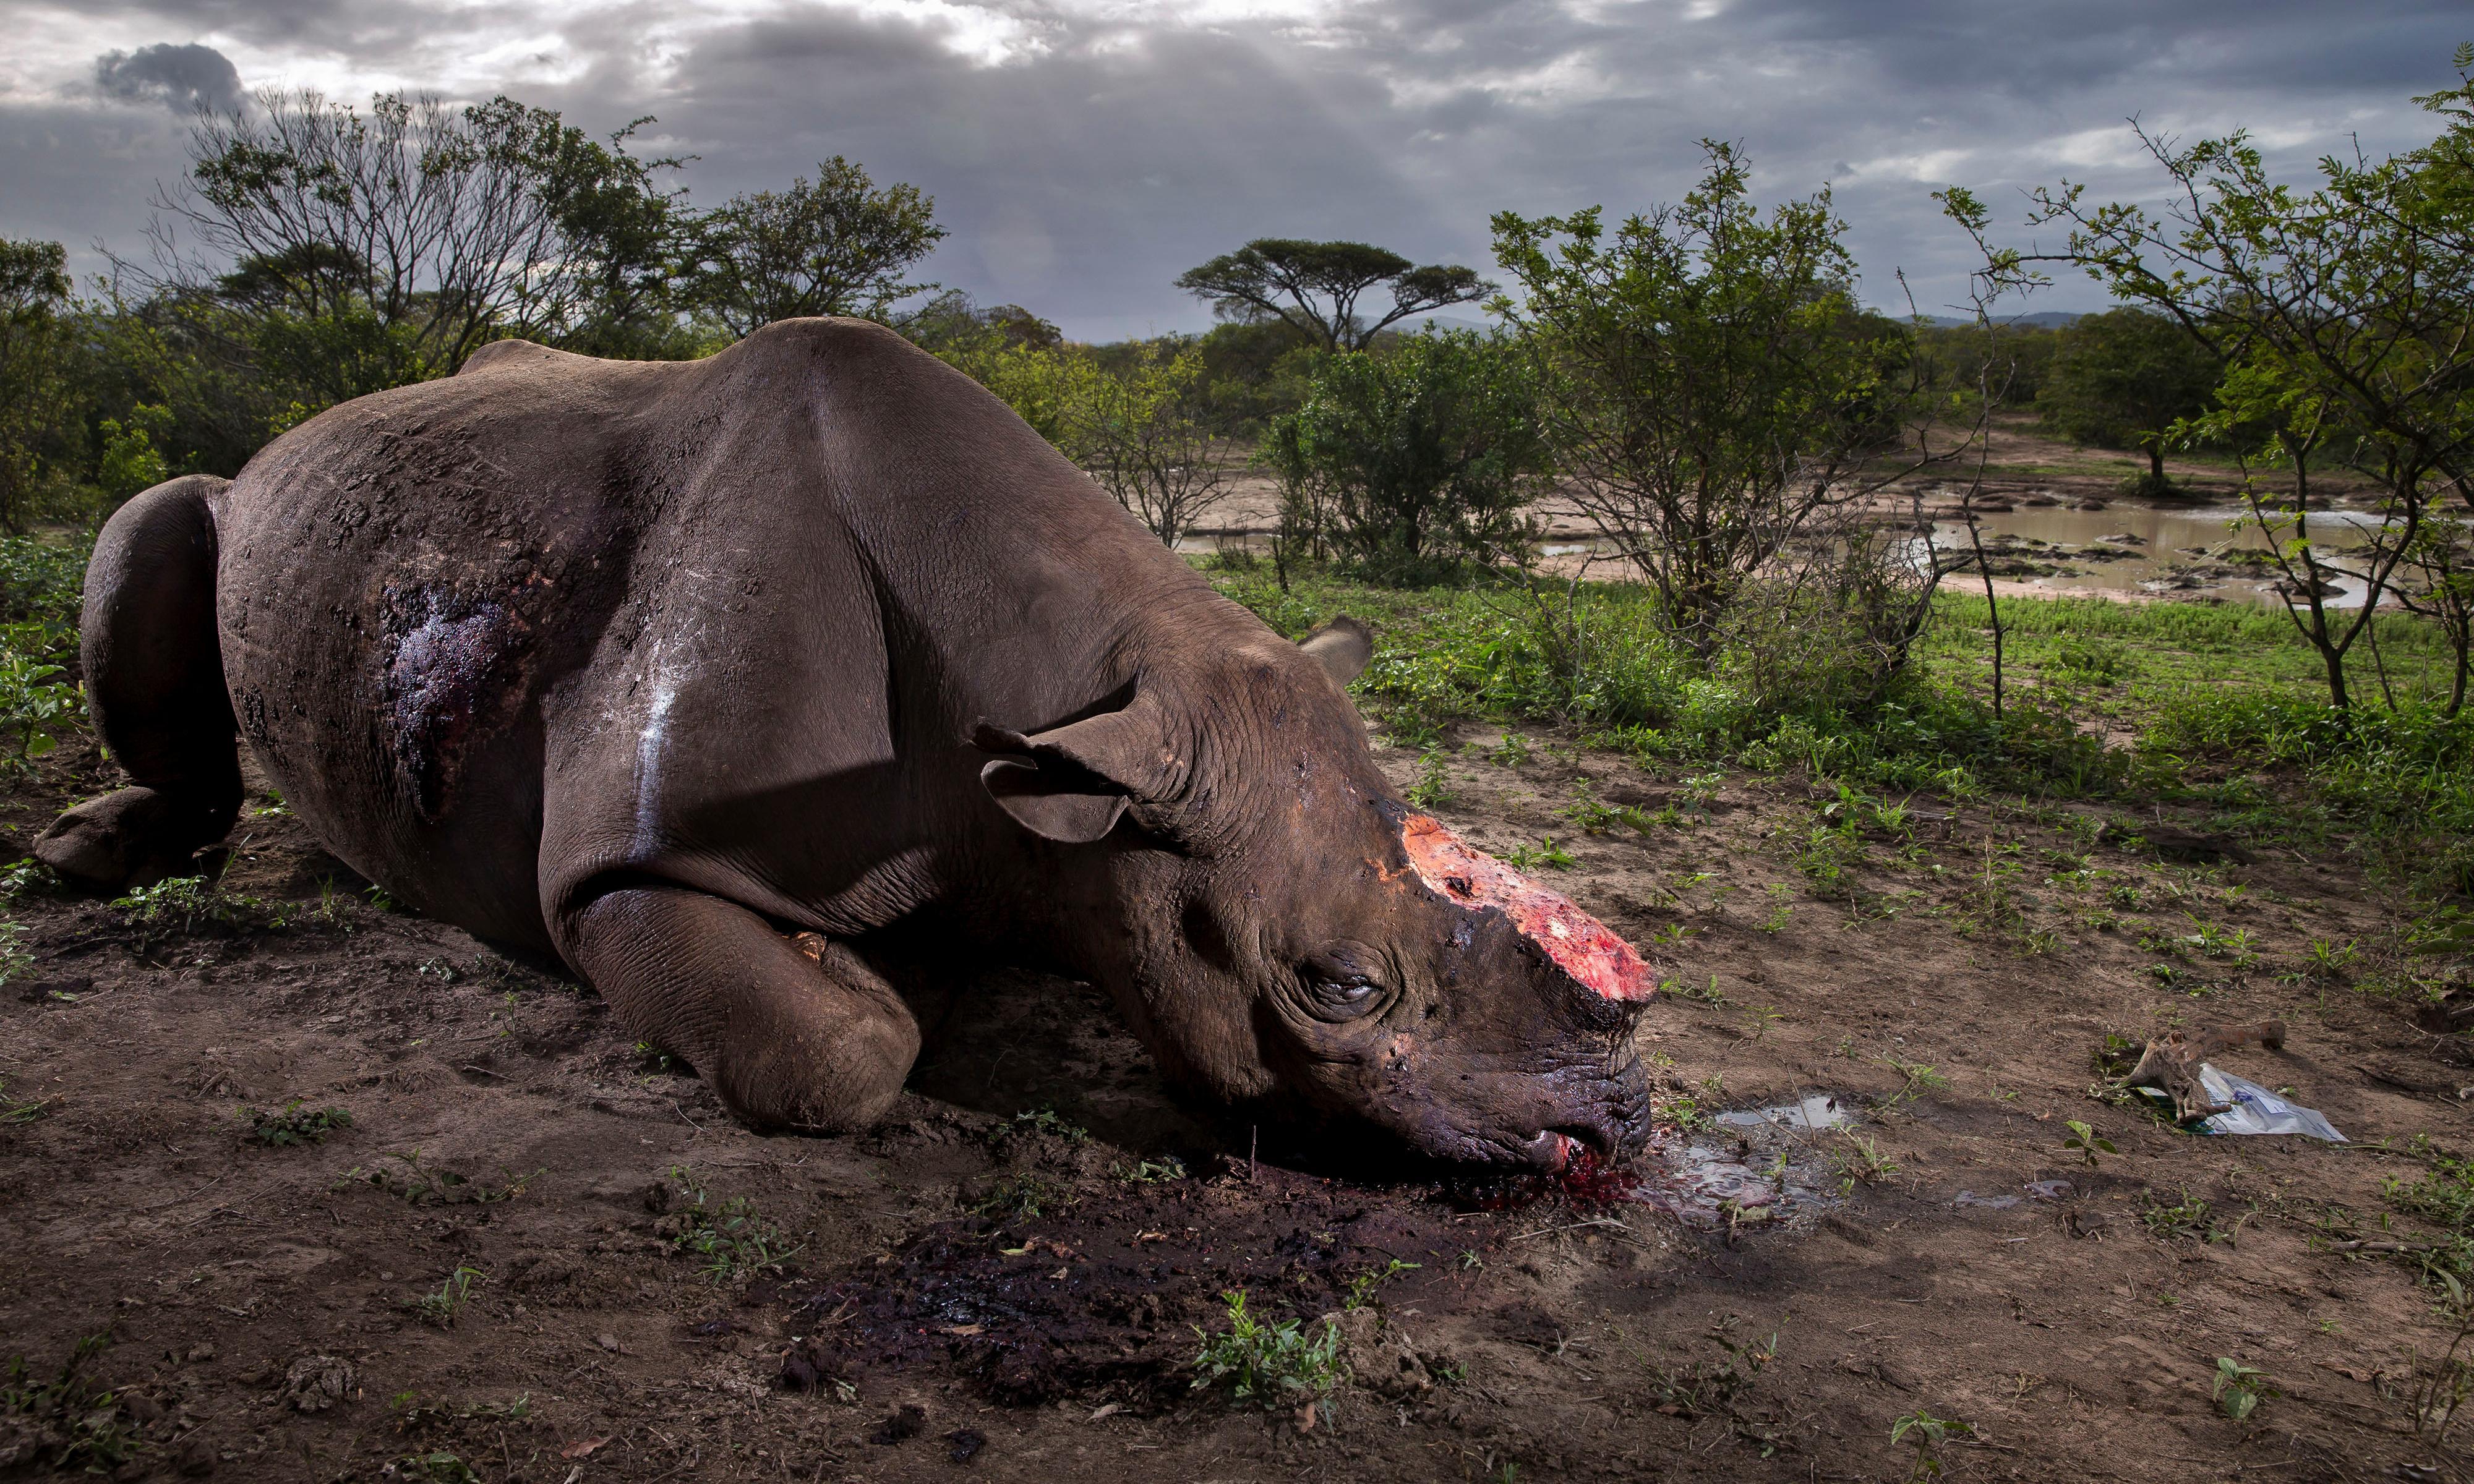 'Terror being waged on wildlife', leaders warn